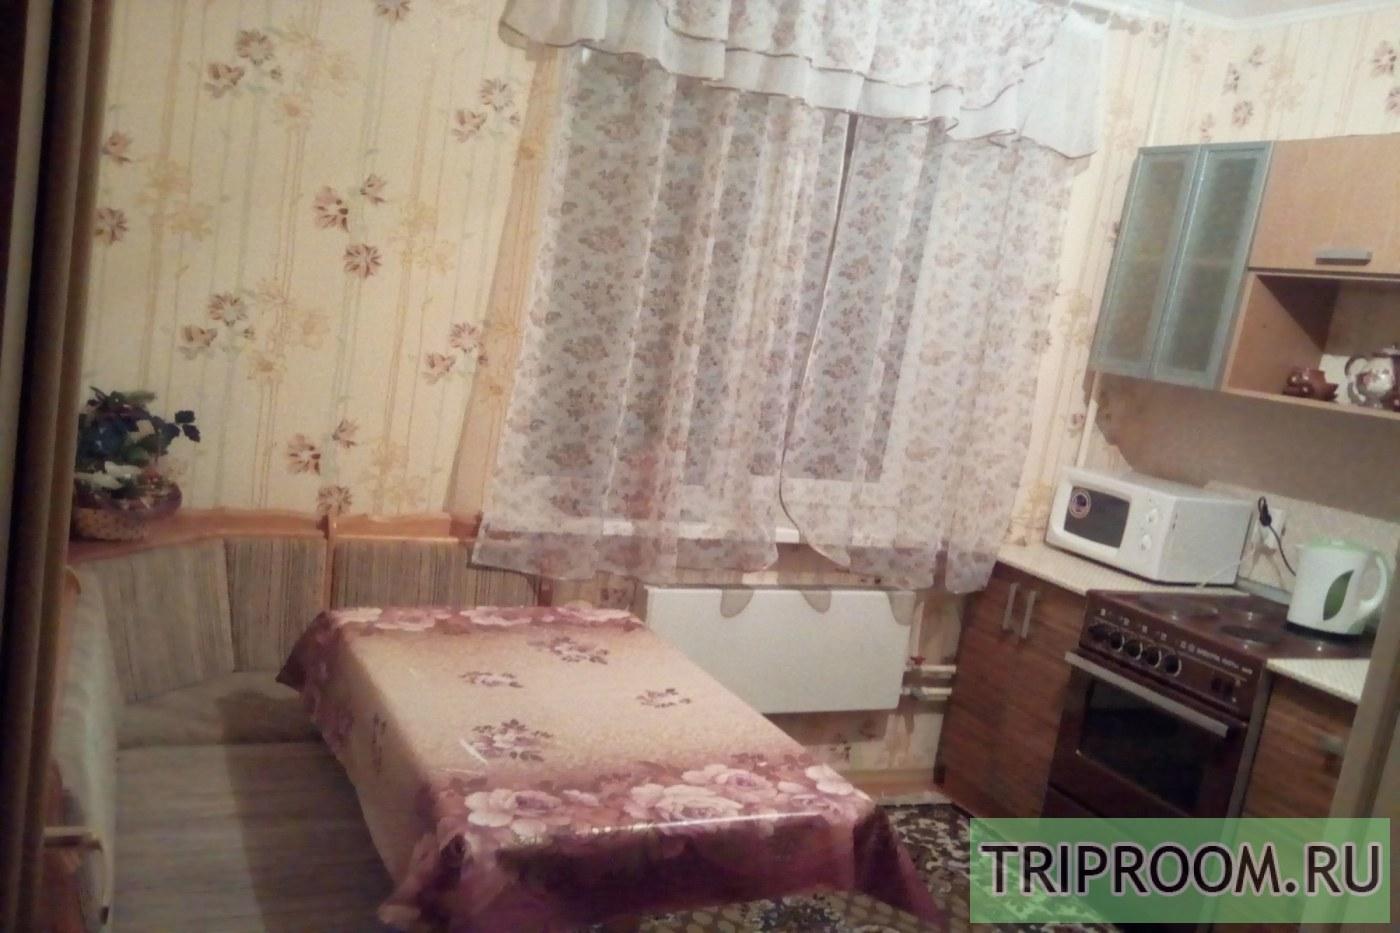 1-комнатная квартира посуточно (вариант № 39358), ул. Иркутский тракт, фото № 8